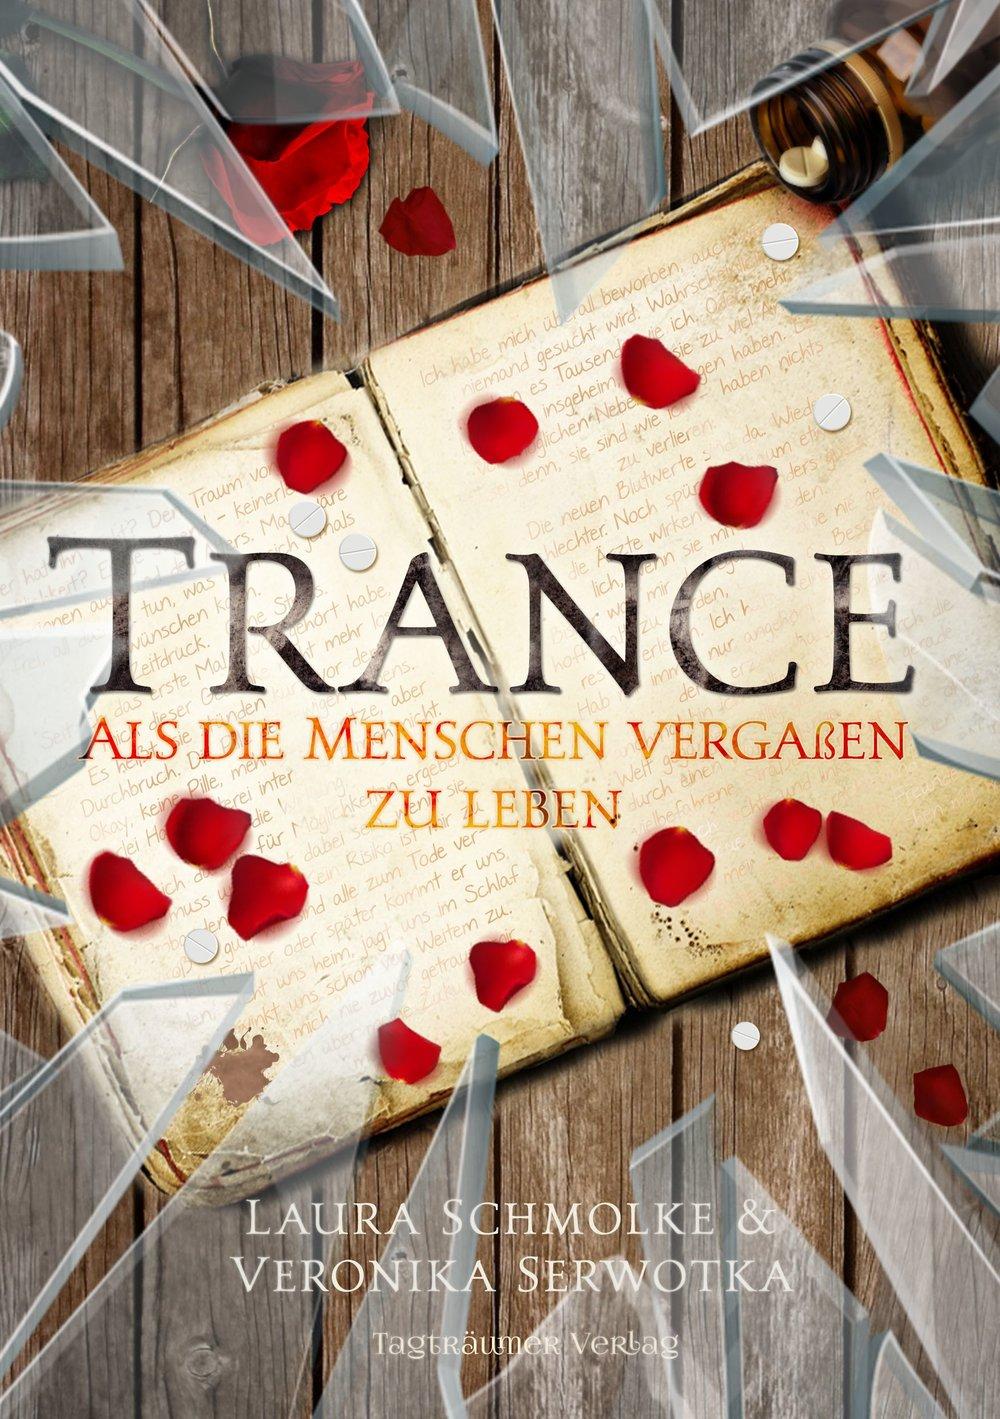 Trance-als-die-Menschen-vergassen-zu-leben_Laura-Schmolke_Veronika-Serwotka.jpg